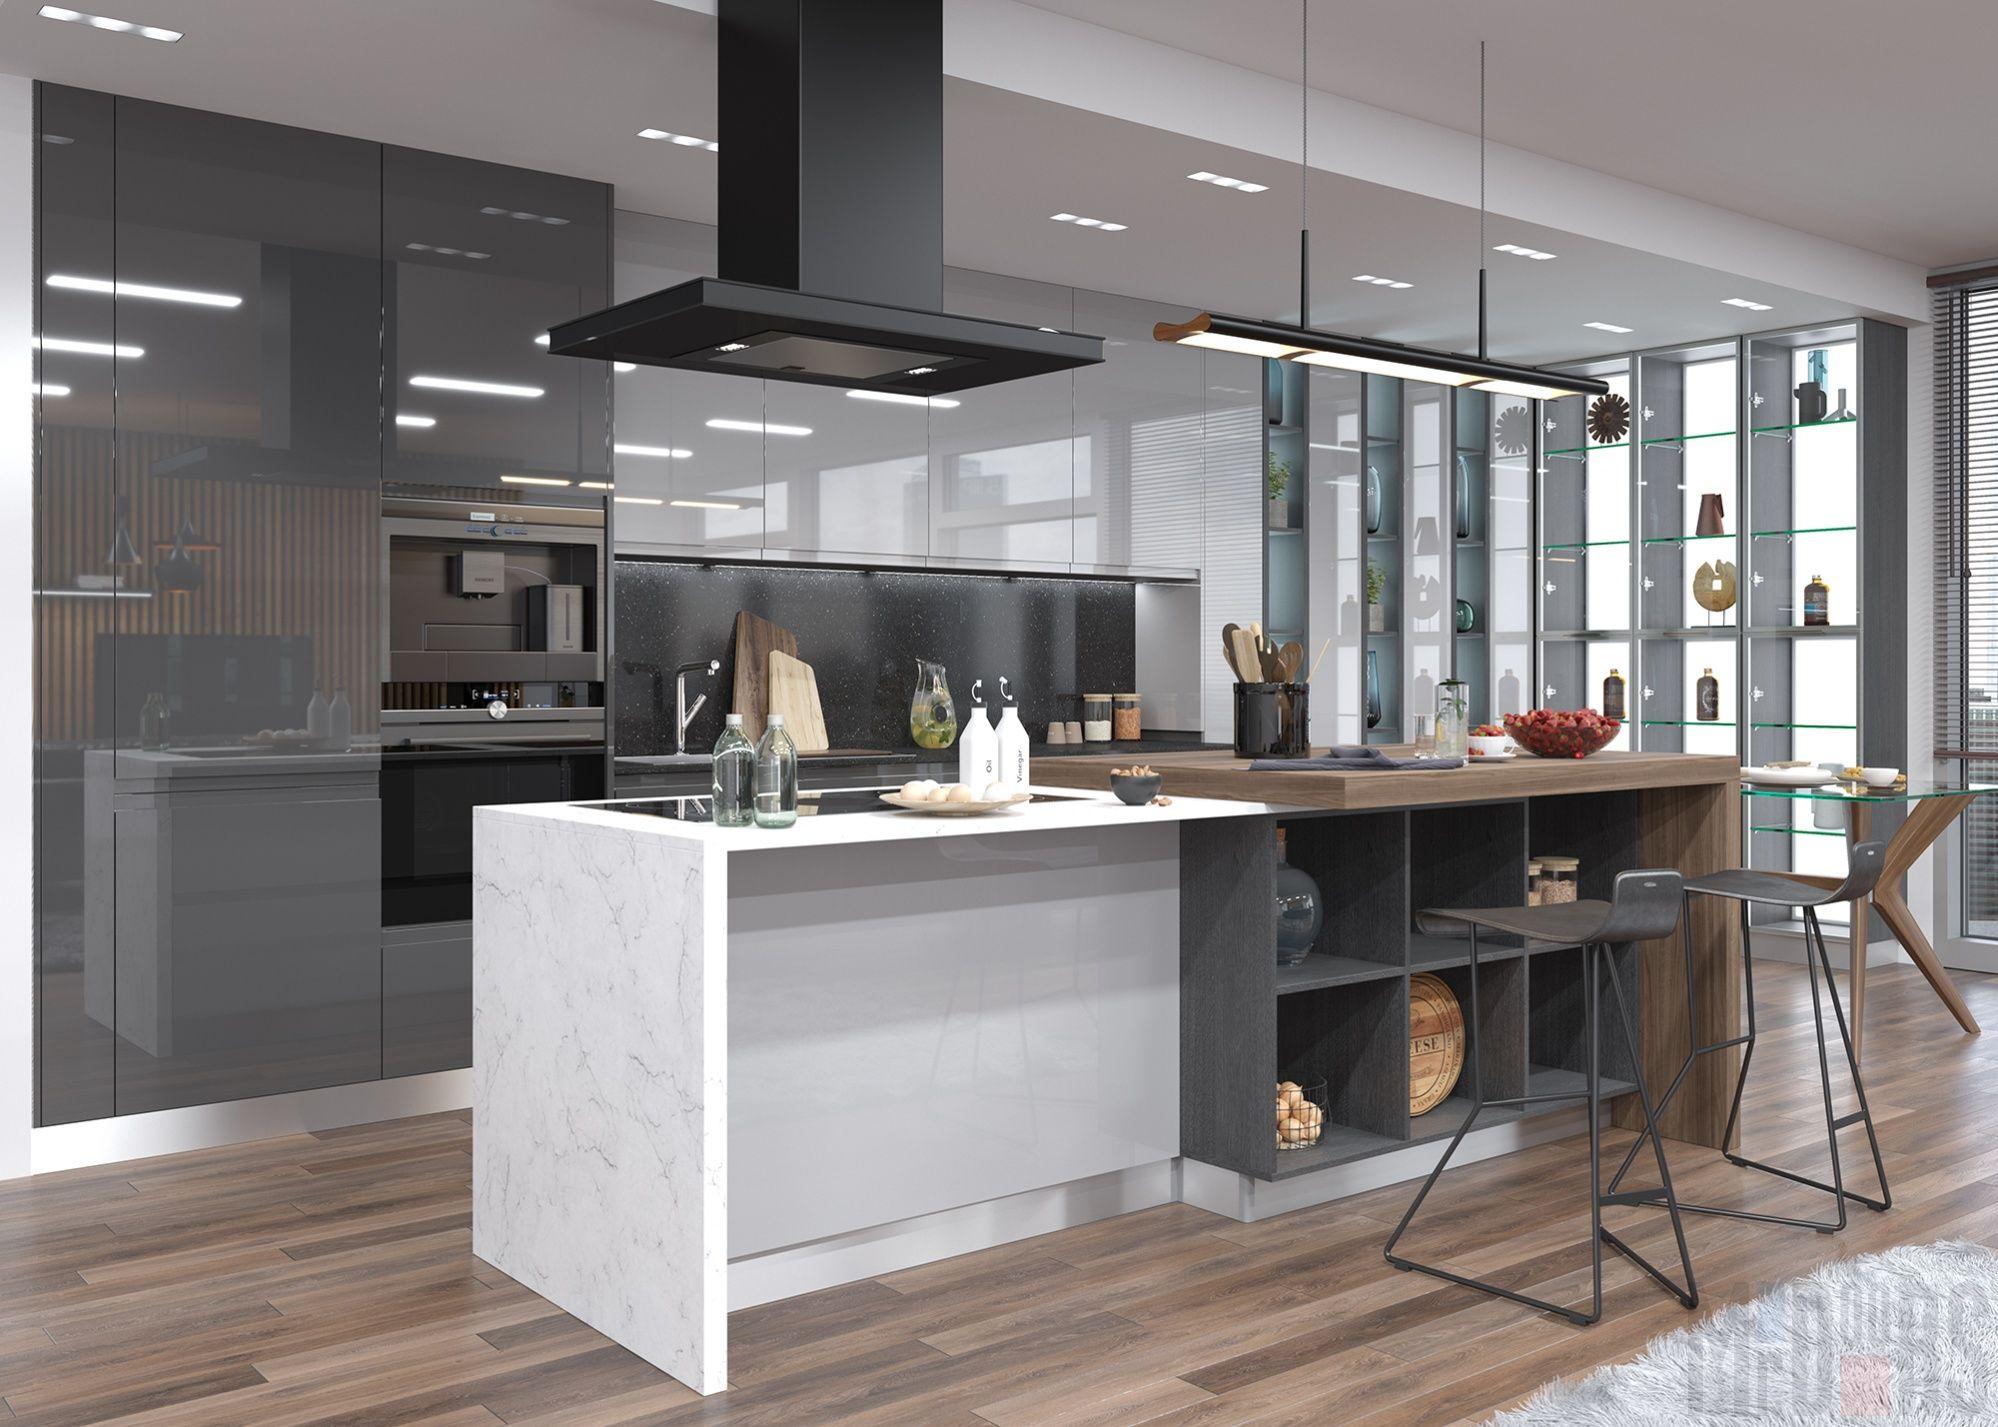 кухни с островом фото дизайн модерн машины были анонсированы